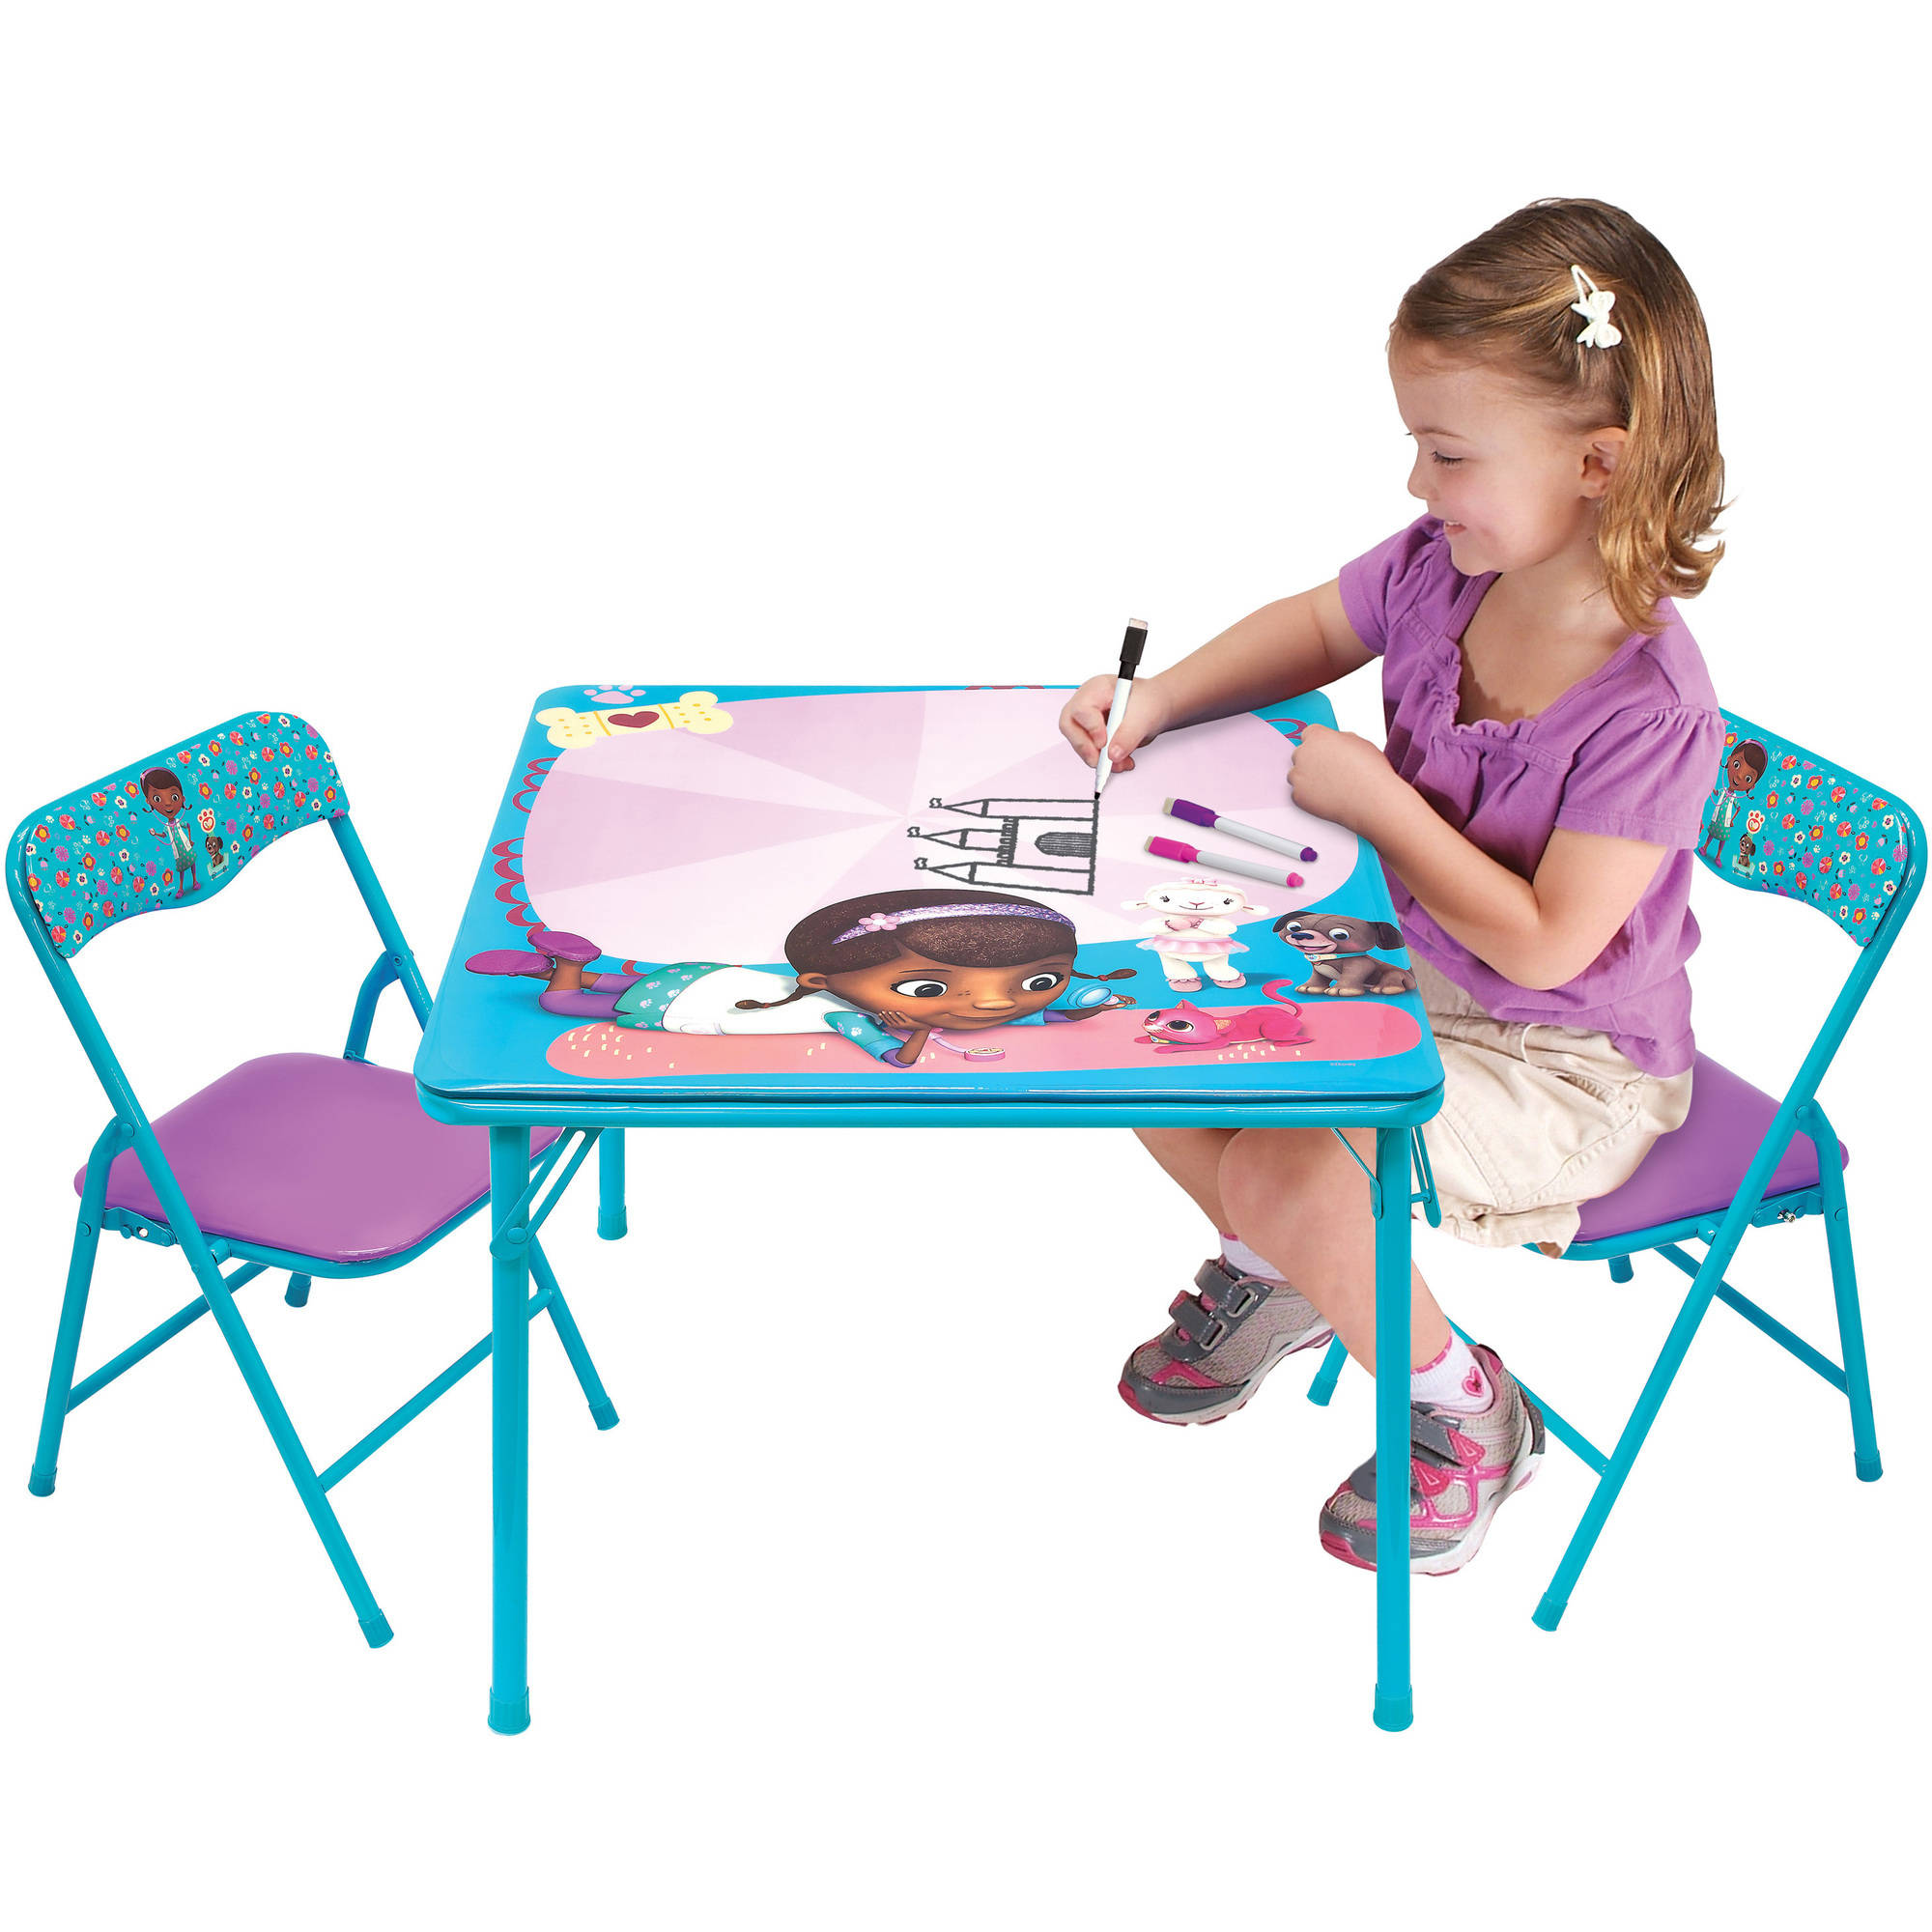 Doc McStuffins Pet Vet Erasable Activity Table Set with 3 Markers - Walmart.com  sc 1 st  Walmart & Doc McStuffins Pet Vet Erasable Activity Table Set with 3 Markers ...